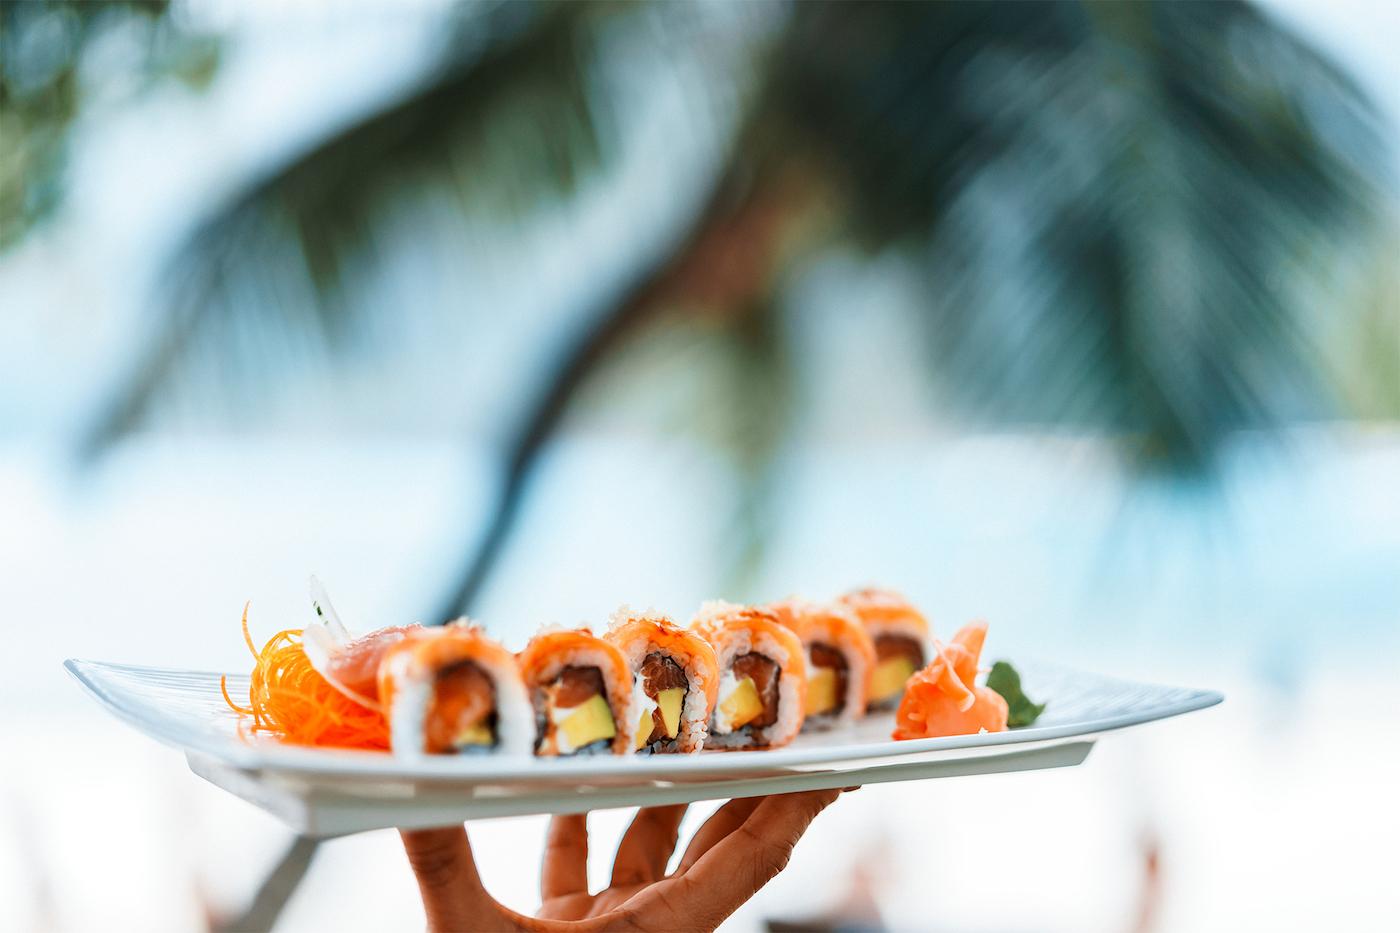 Traumurlaub im Constance Ephelia Hotel auf den Seychellen 10